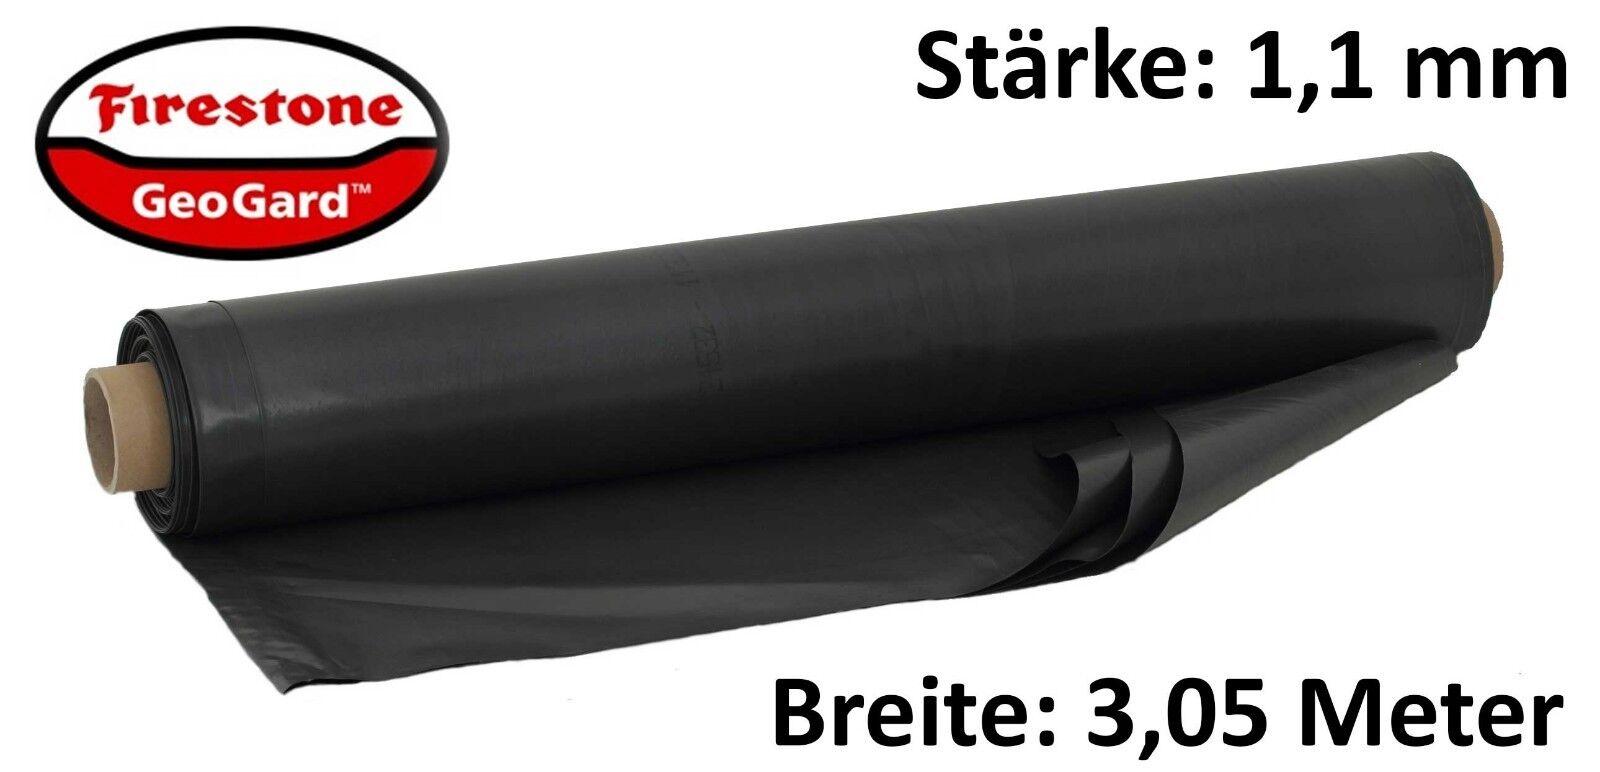 m² EPDM Teichfolie Firestone GeoGard 13 x 3,05 m Kautschuk Folie 1,1mm